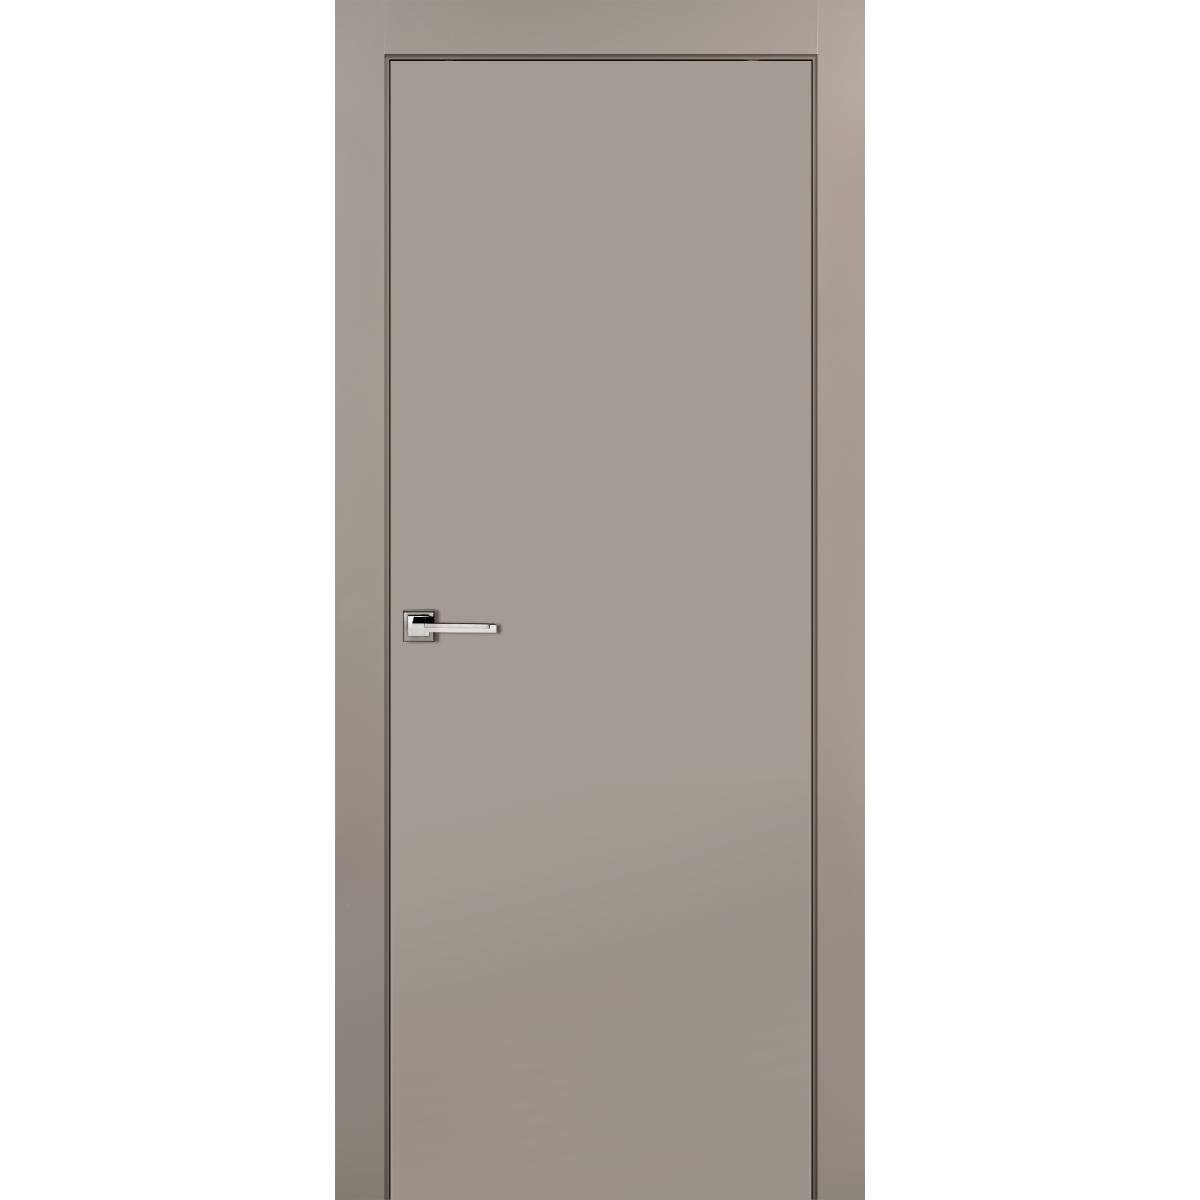 Дверь Межкомнатная Глухая С Замком В Комплекте 200x80 Эмаль Цвет Мускат